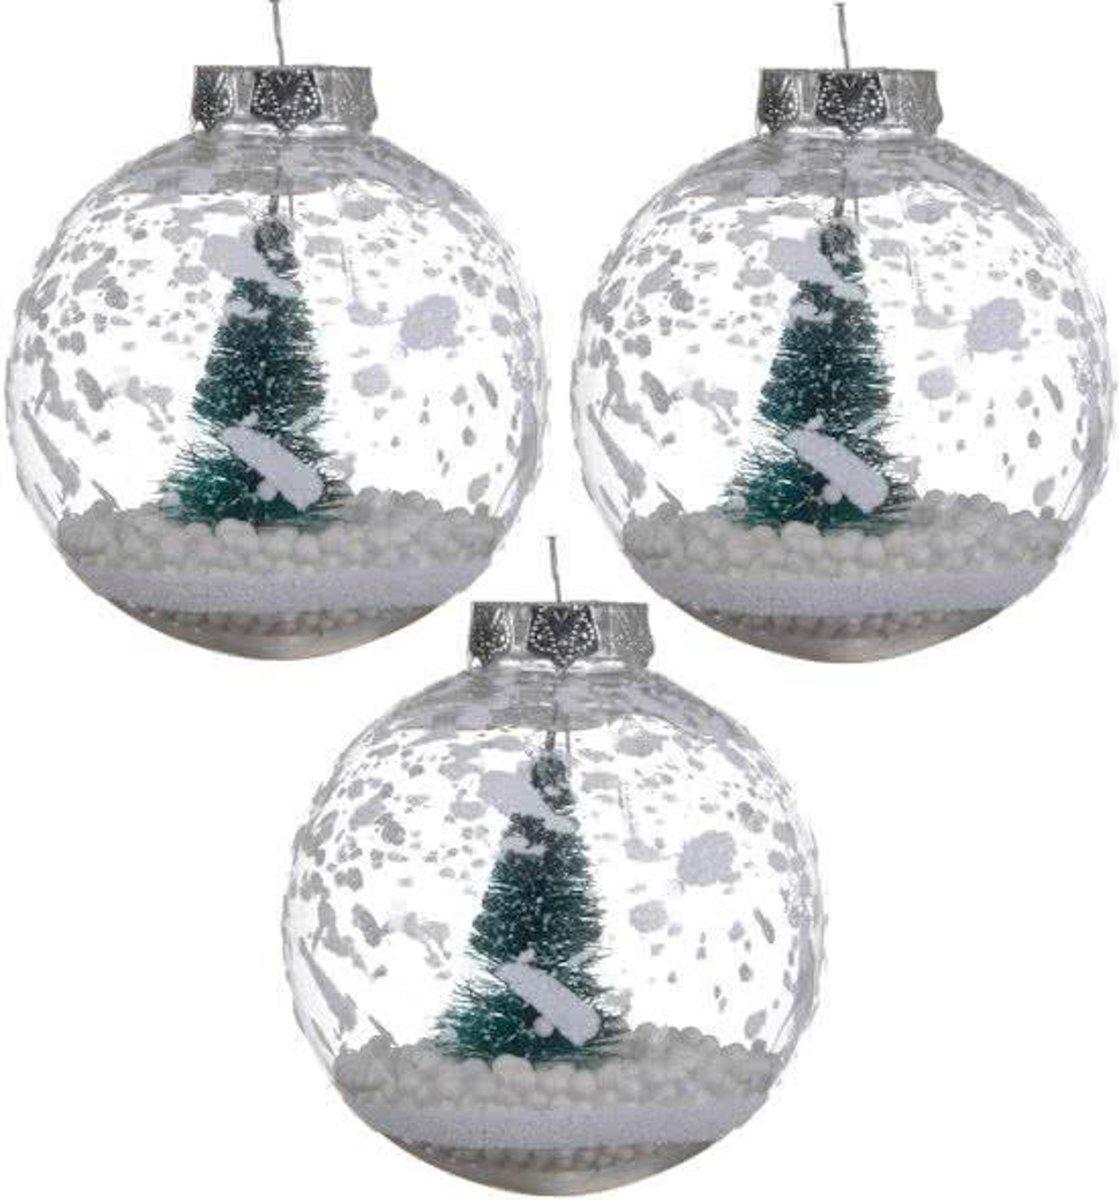 Kerstballen Transparant Met Kerstboom (8cm) Box 3 Stuks Clear kopen